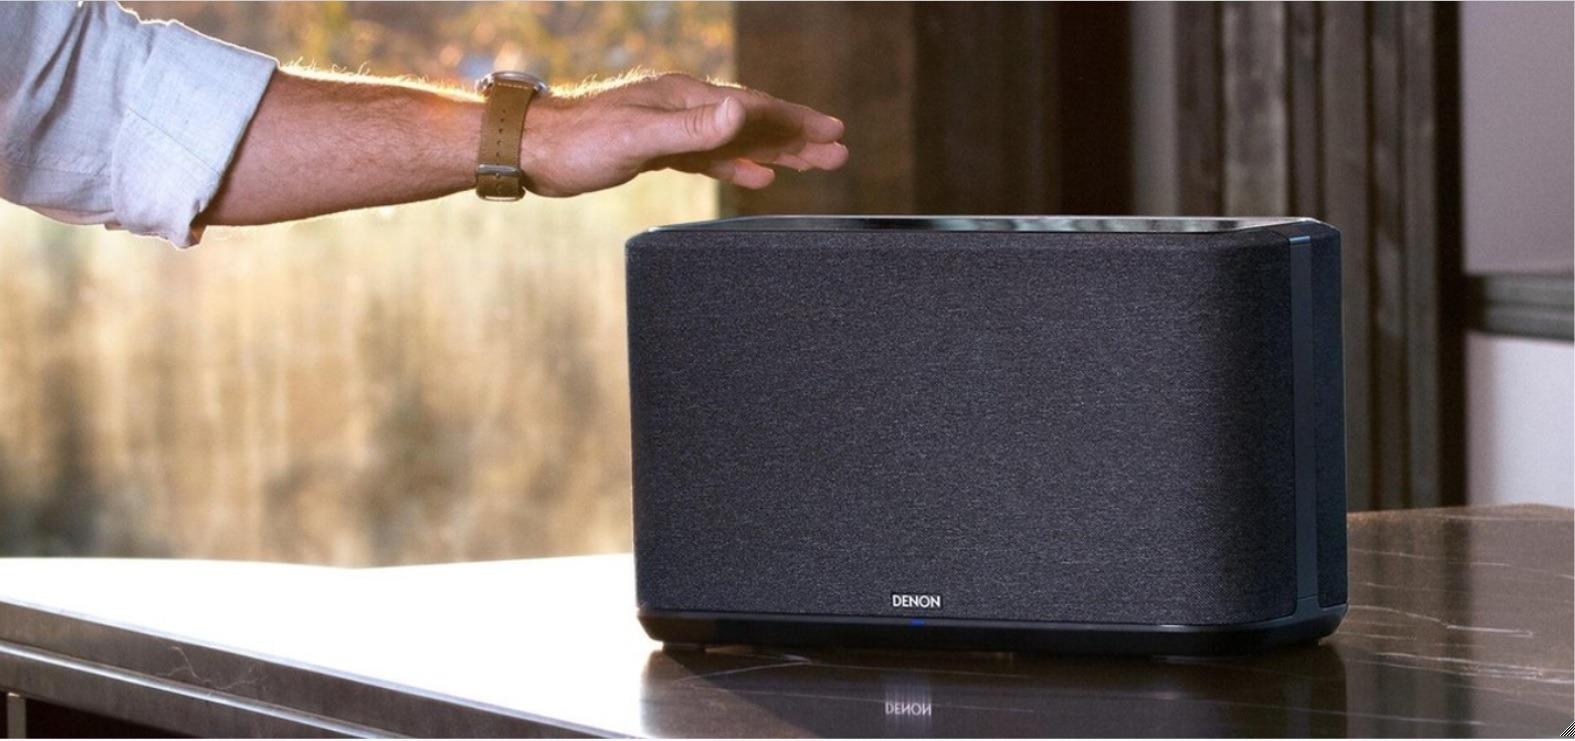 slimme speaker denon